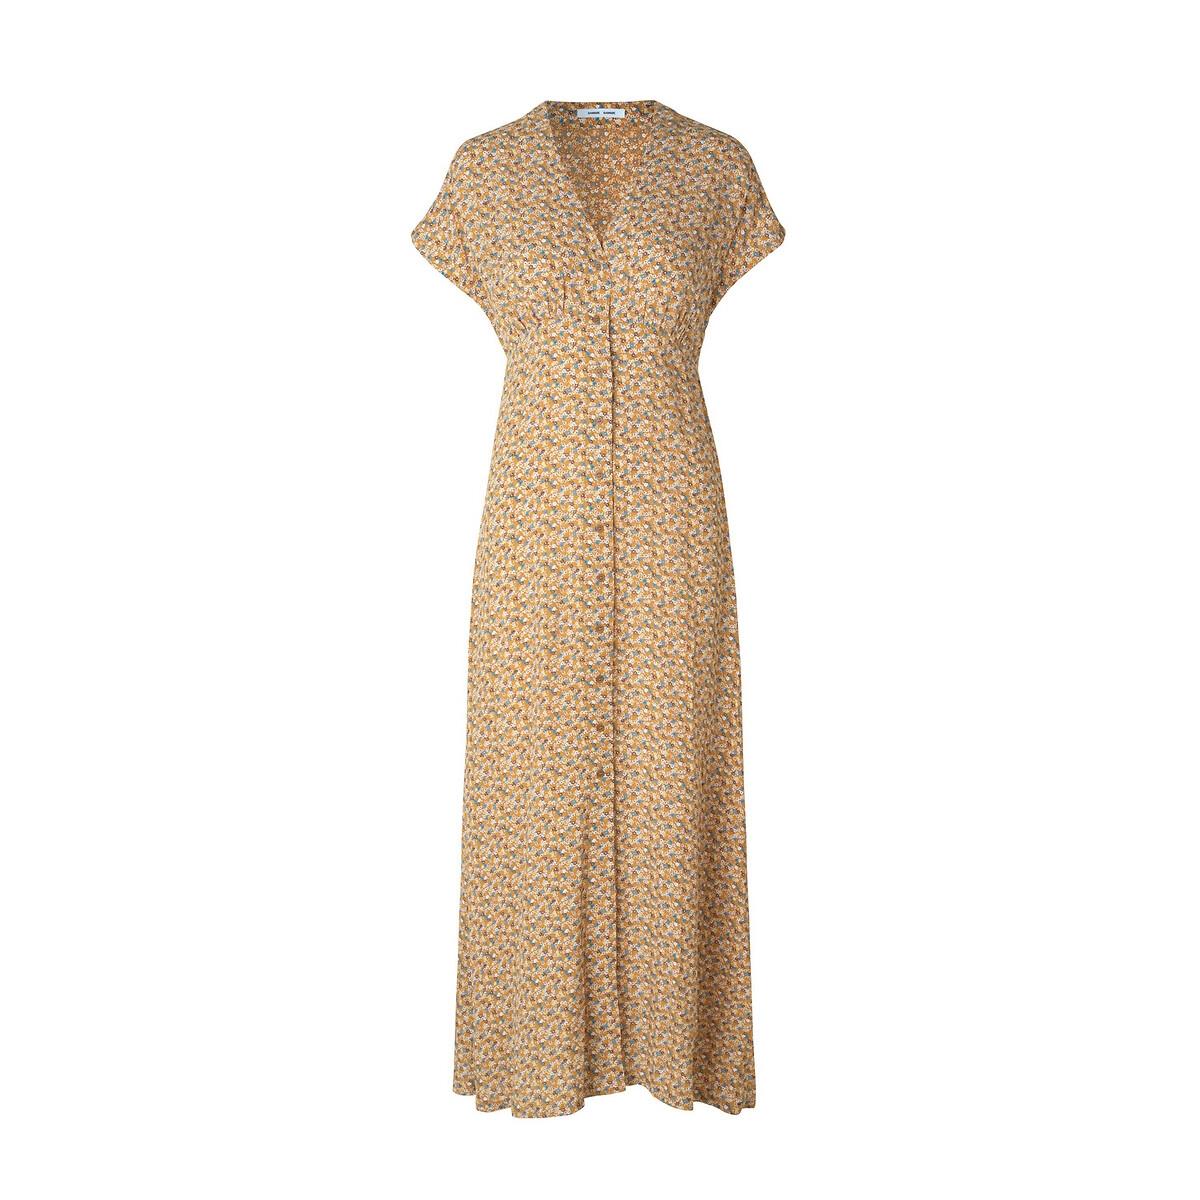 Платье La Redoute Длинное с принтом S желтый кеды сникеры la redoute с крокодиловым принтом 38 желтый